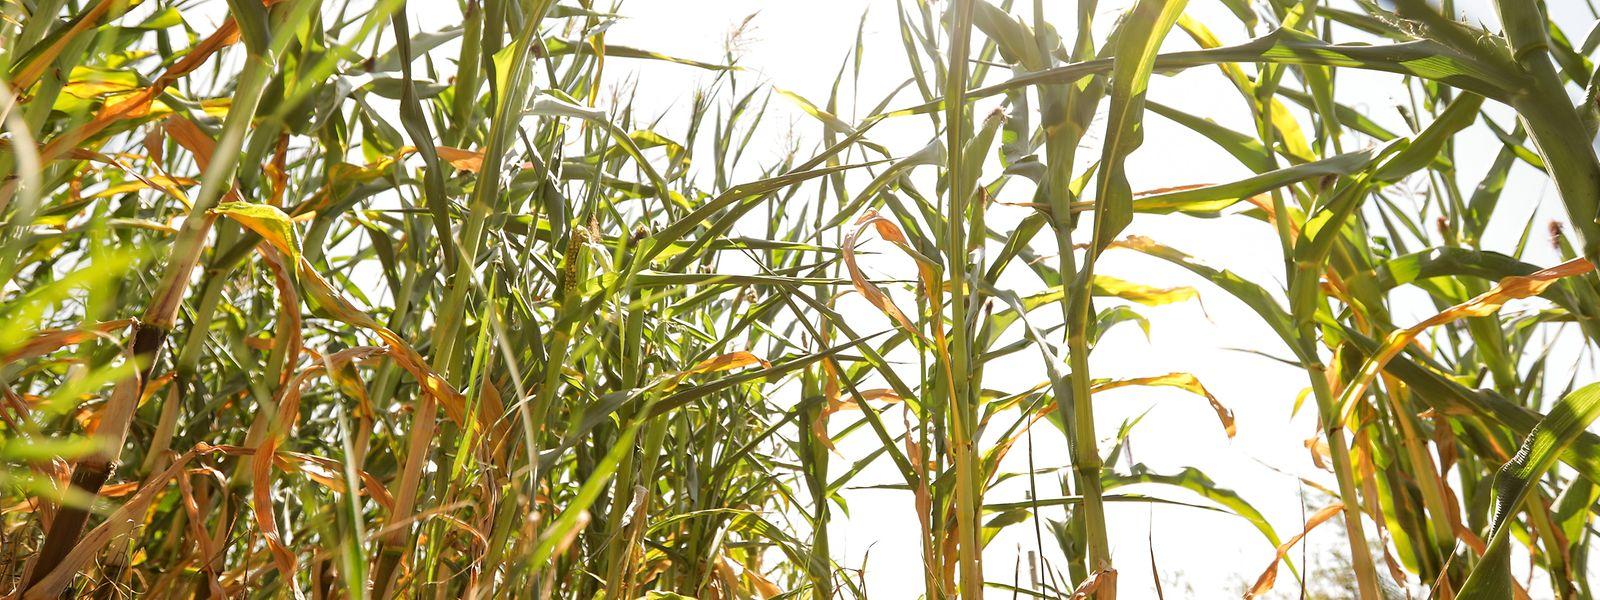 Die Bauern müssen Ernteausfälle hinnehmen.